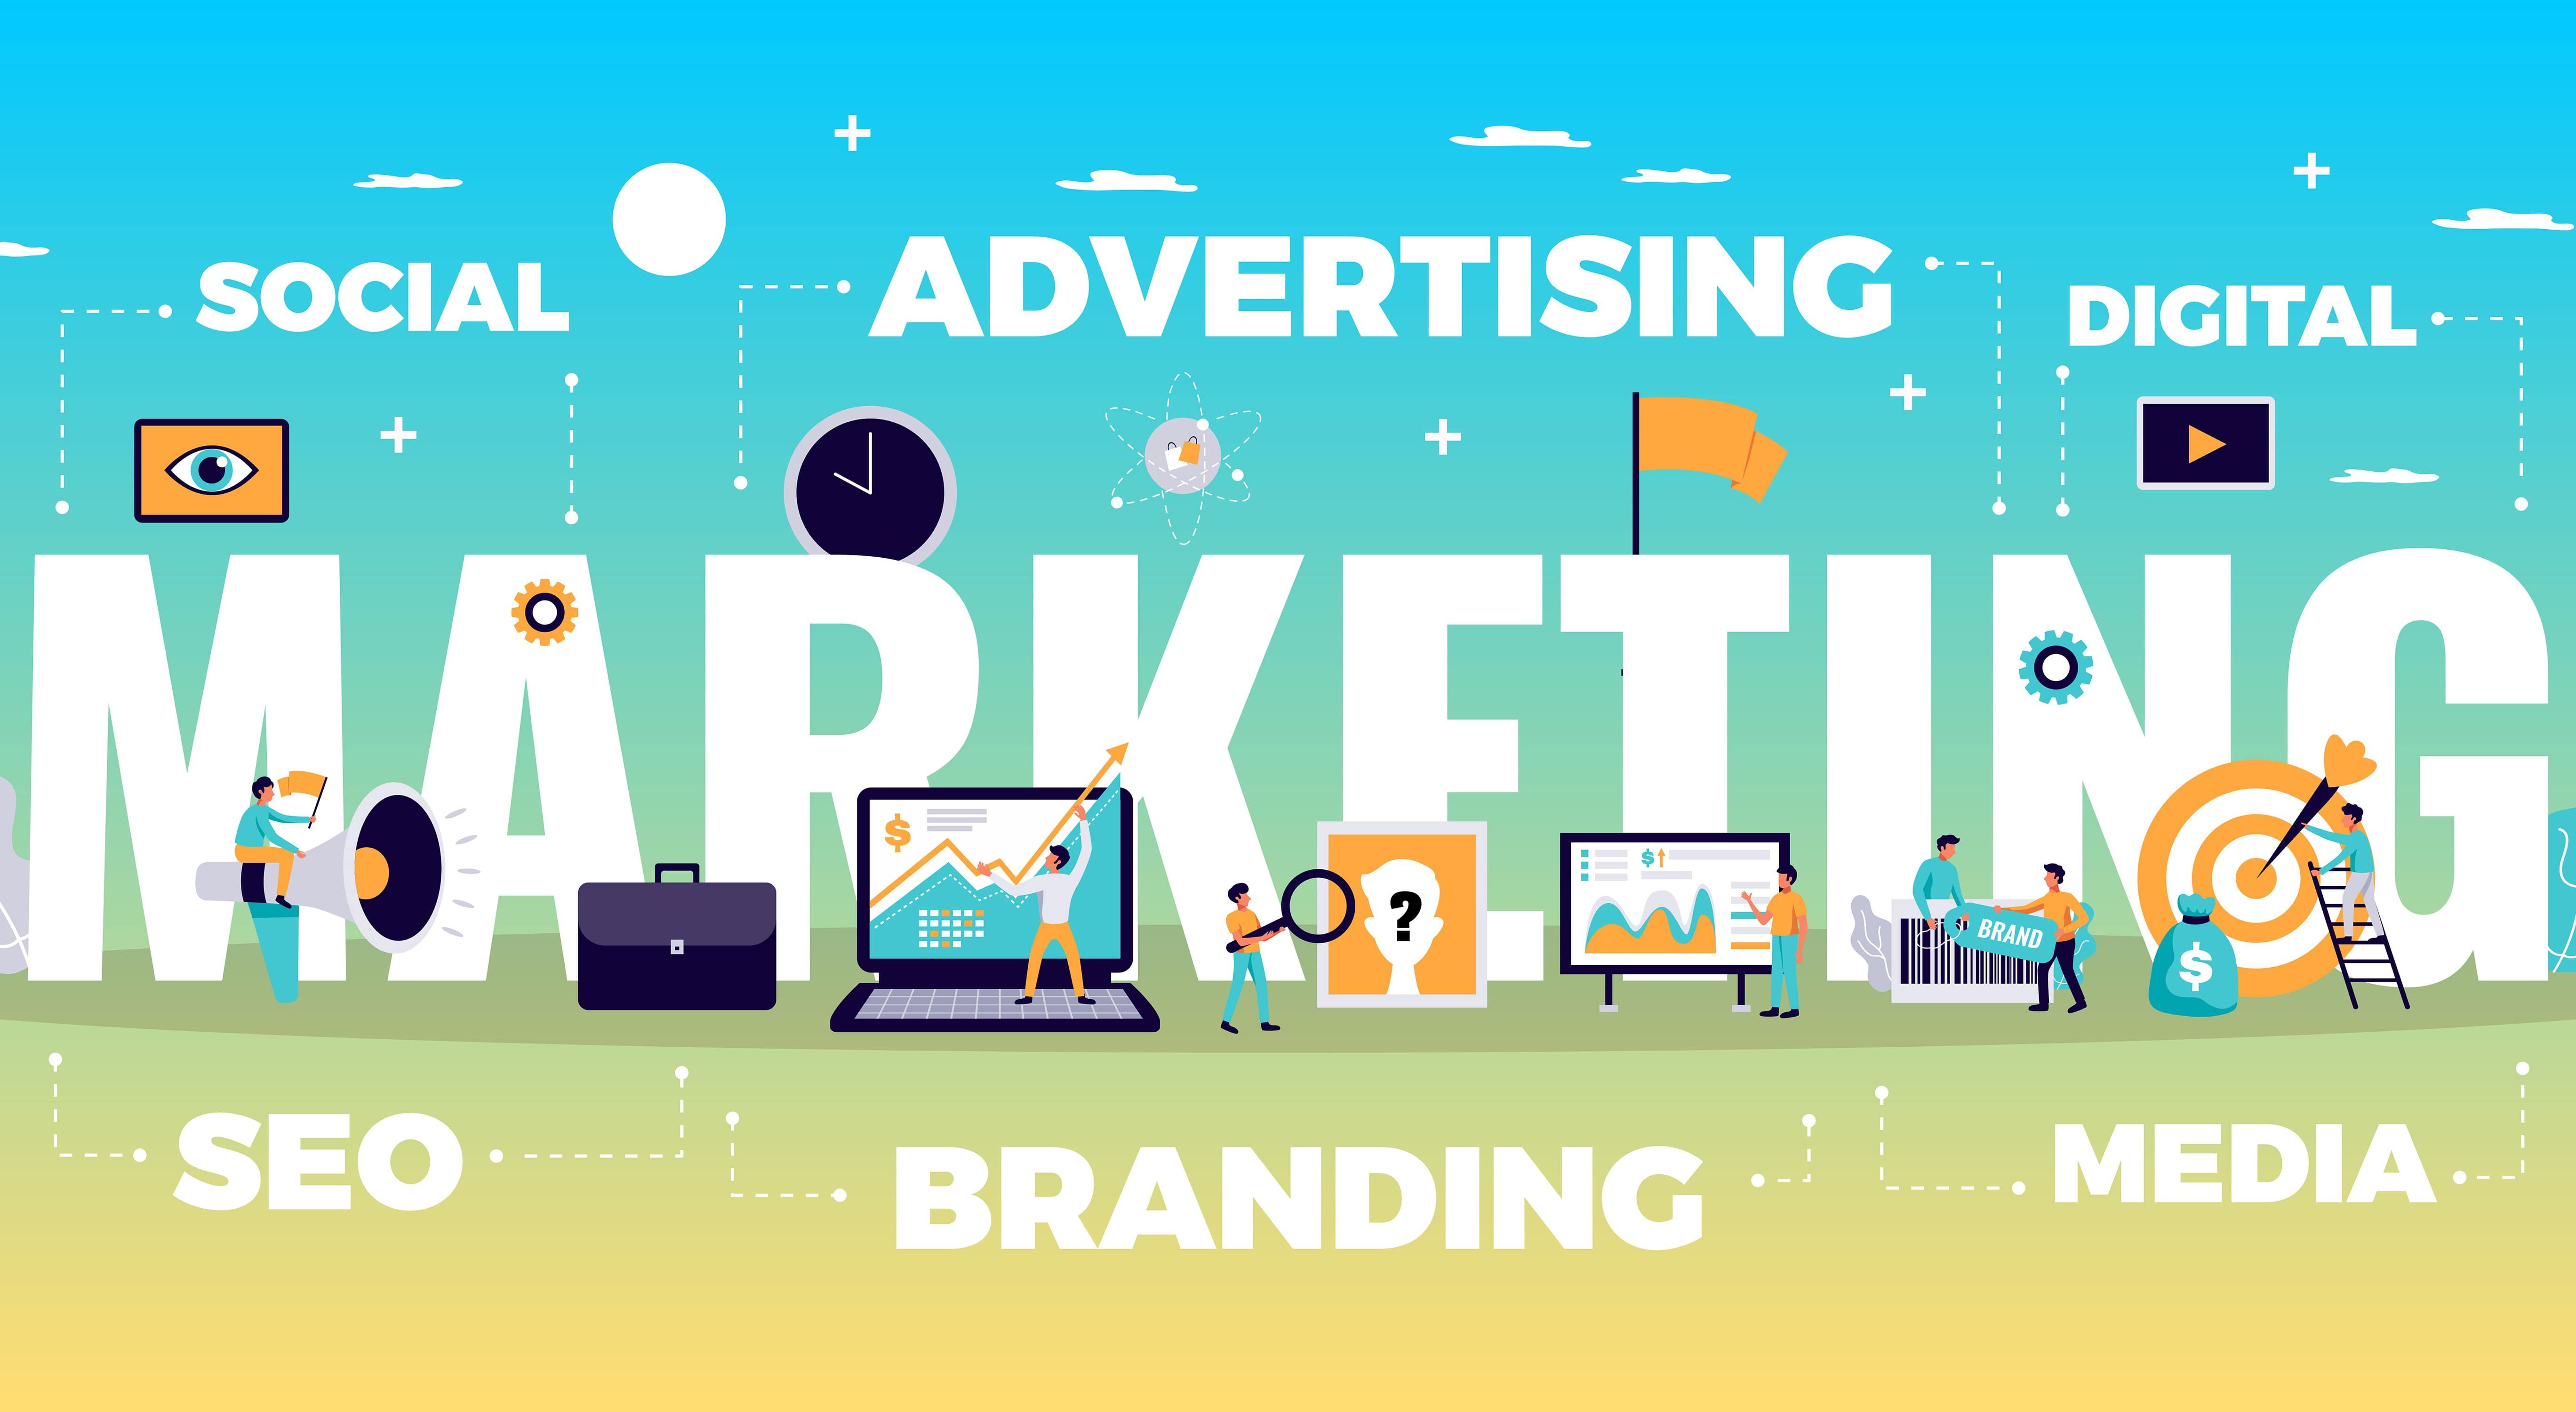 Marketing digitale: quali saranno le prossime tendenze?